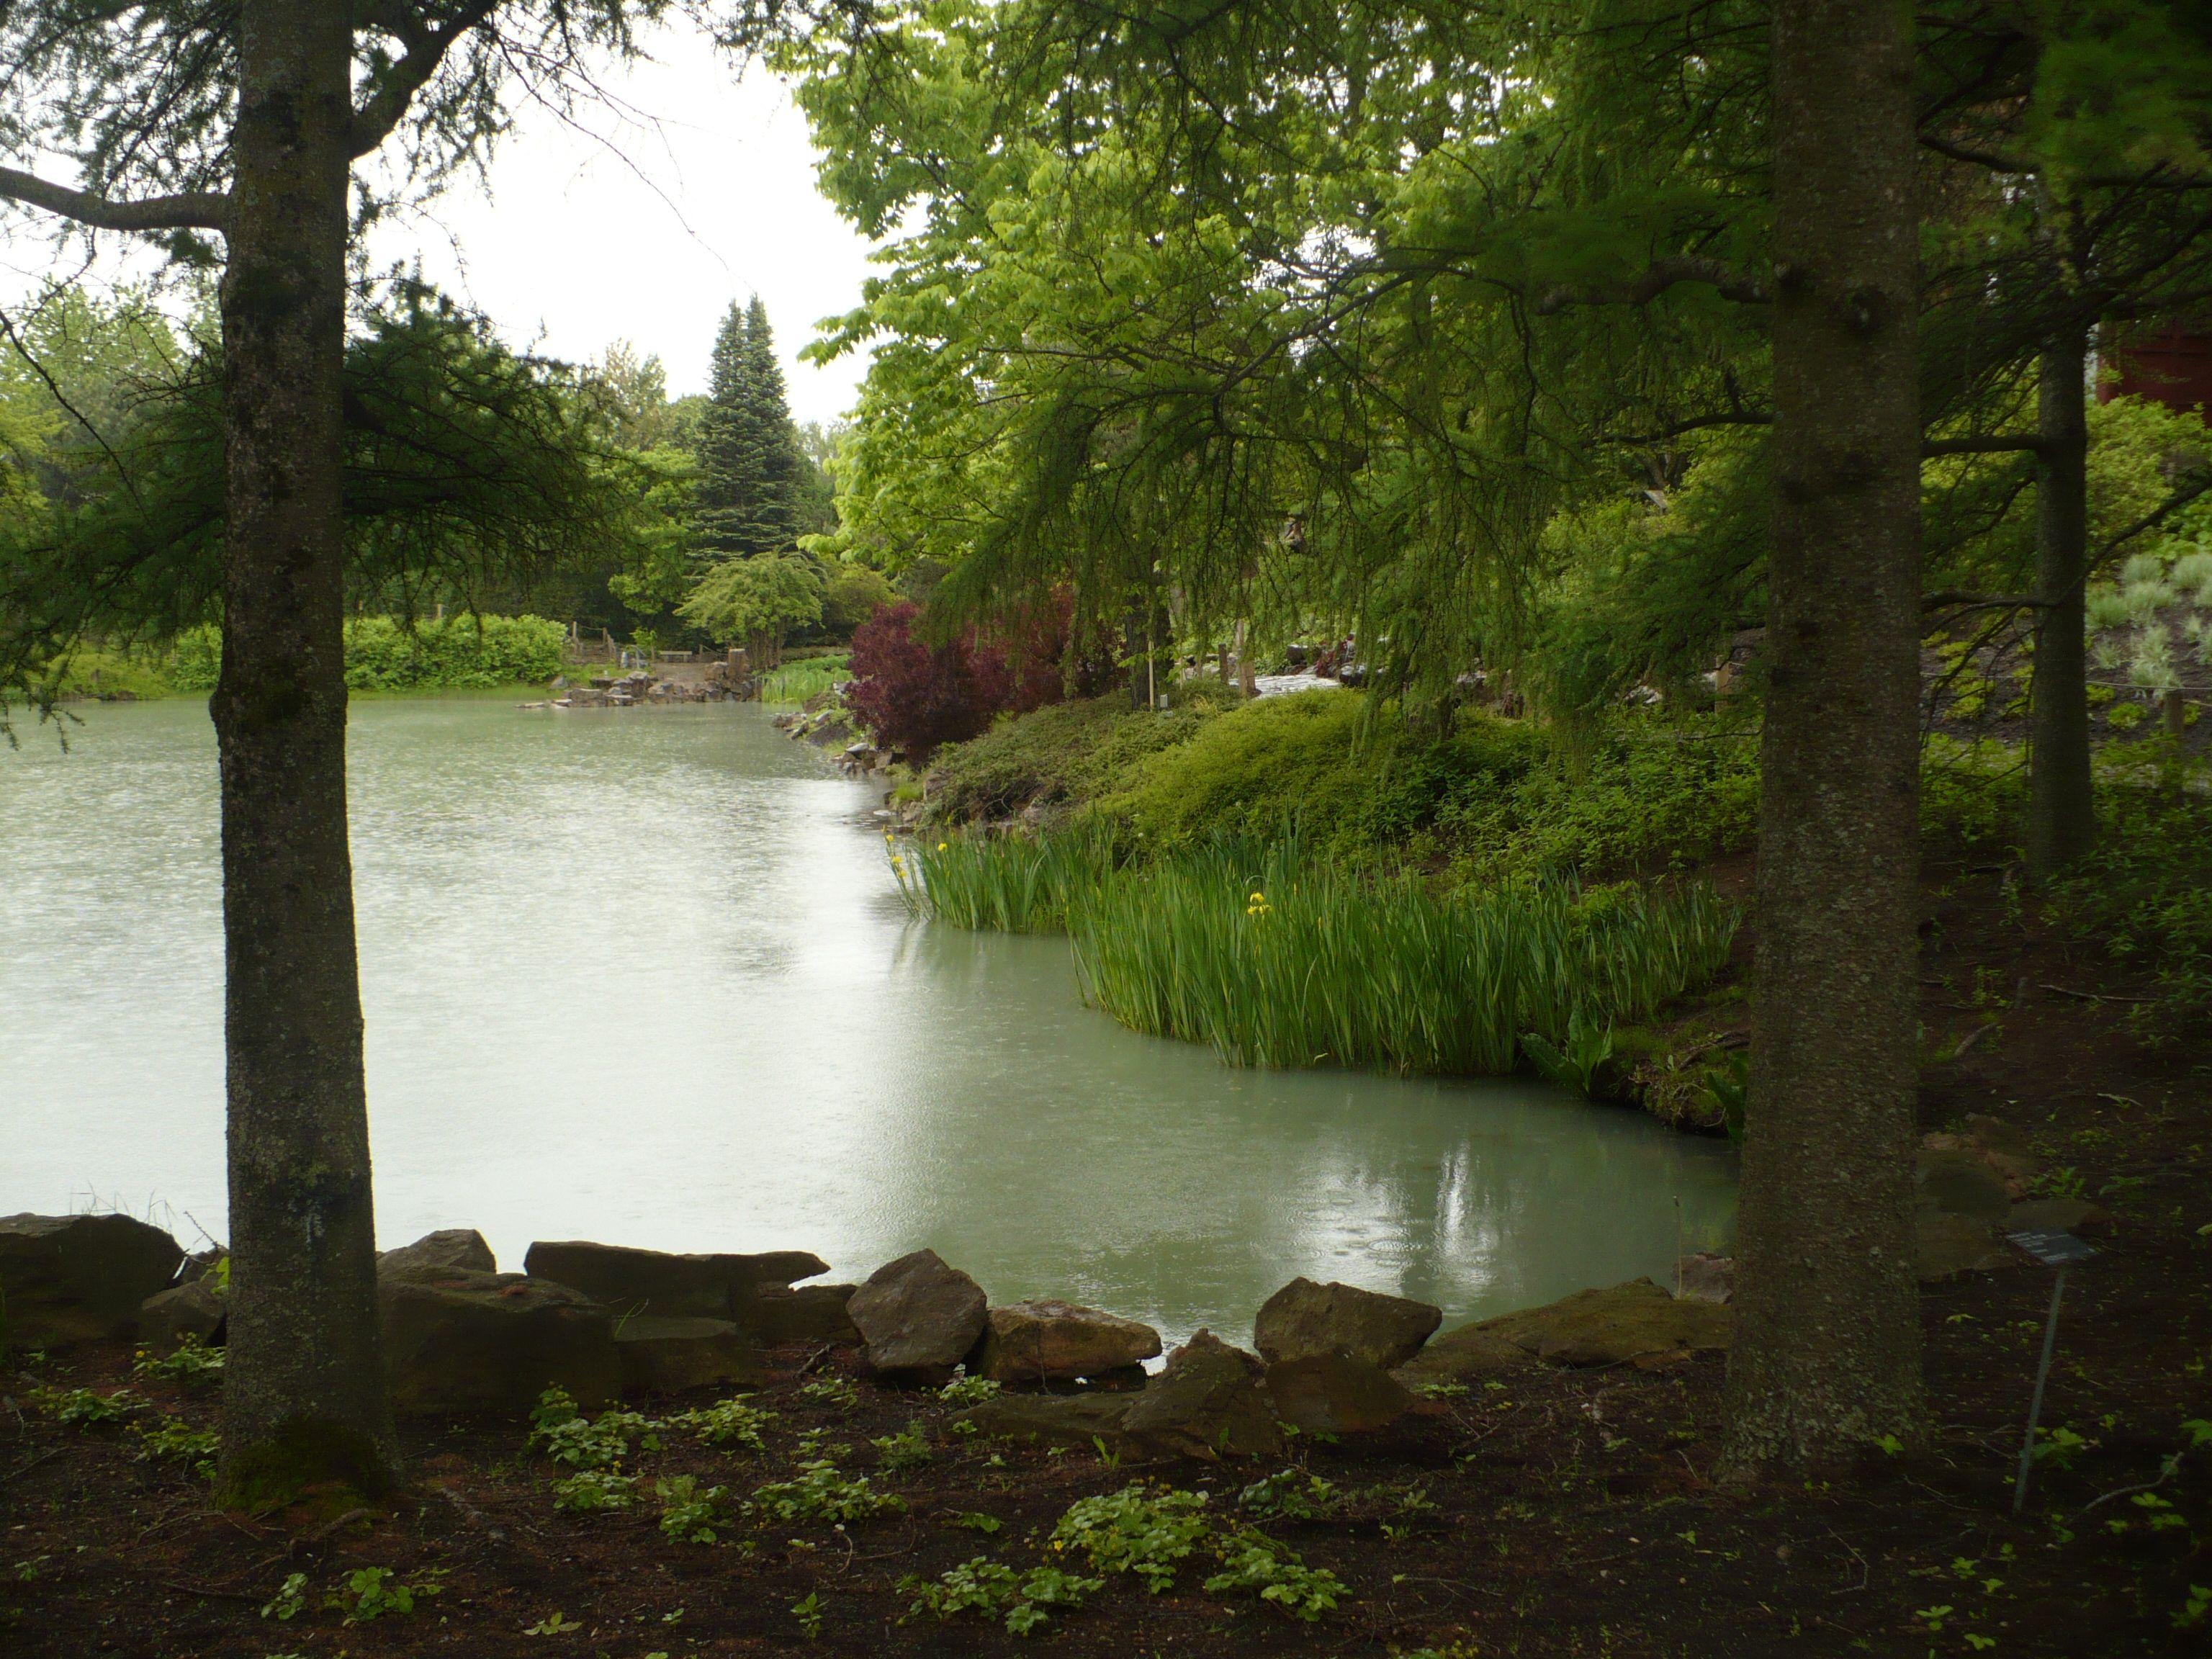 Jardin de chine jardin bot mtl jardin botanique for Botanique jardin